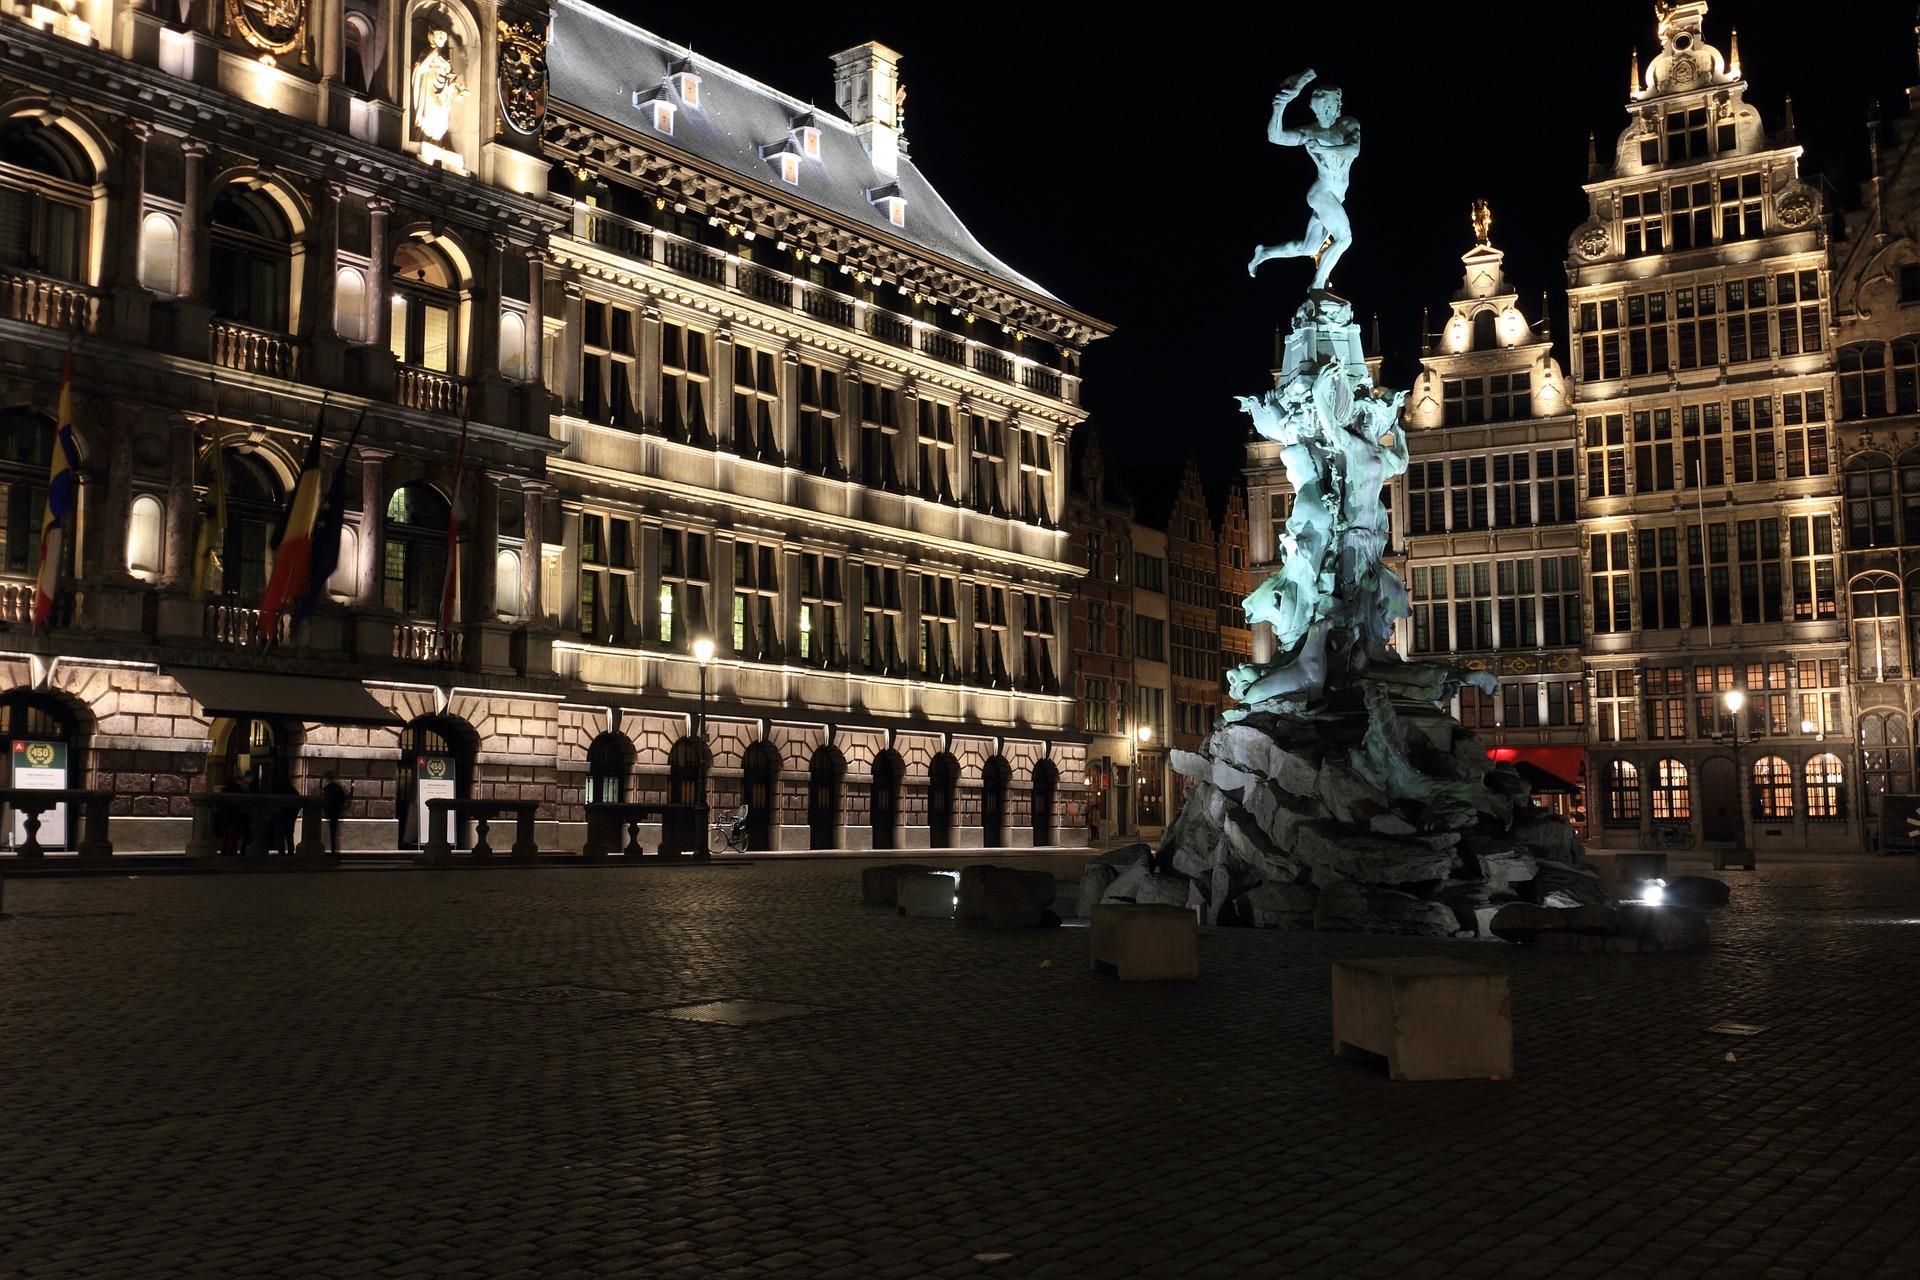 Antwerpa.jpg